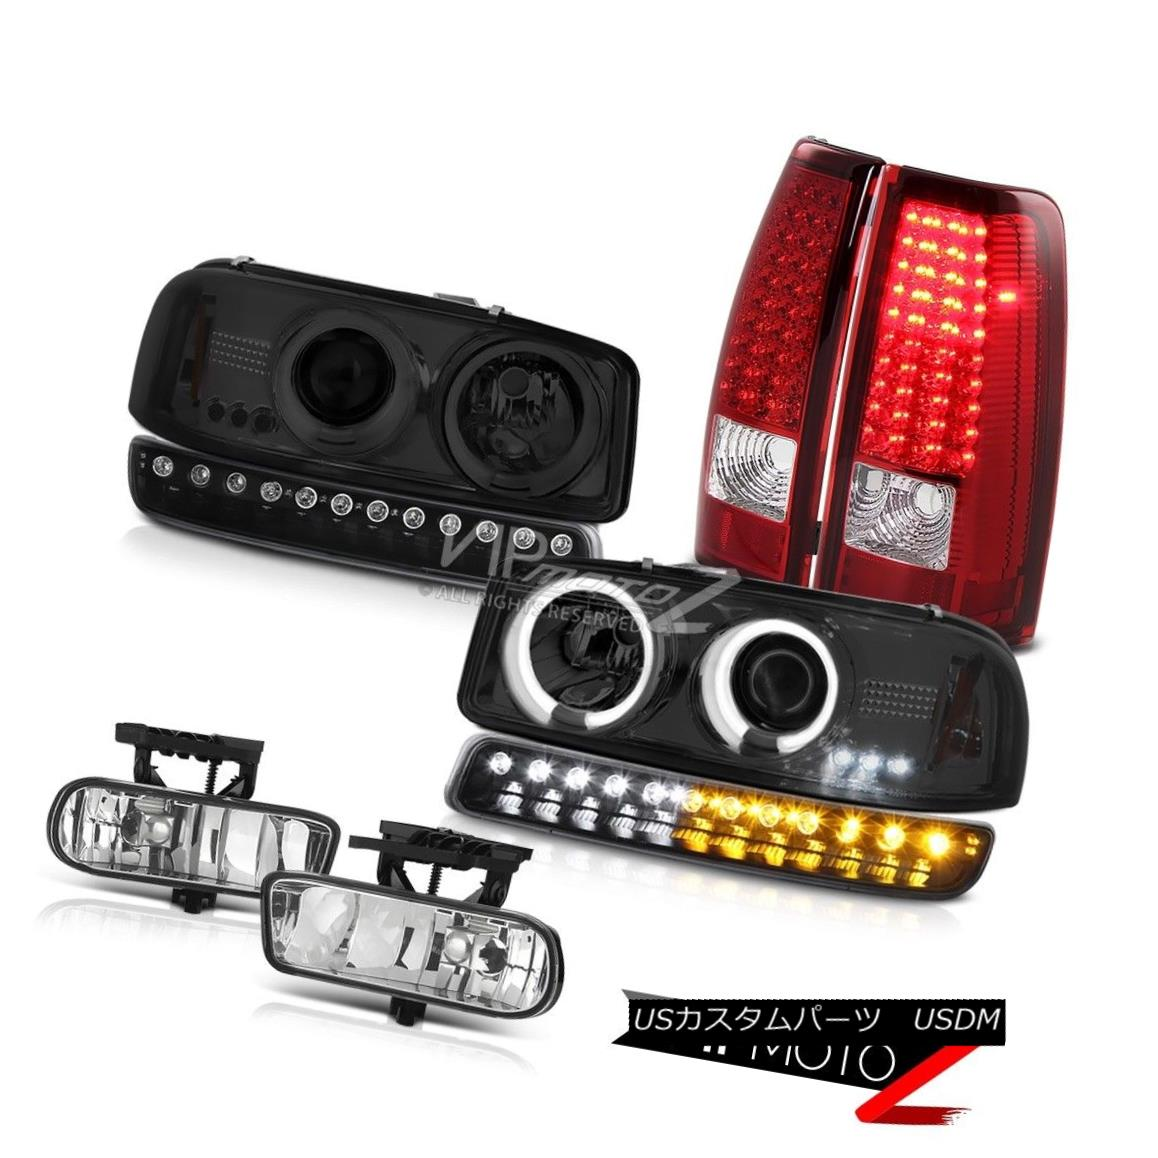 ヘッドライト 99-02 Sierra SLT Fog lights wine red led tail brake signal lamp ccfl Headlights 99-02シエラSLTフォグライトワインレッドテールブレーキ信号ランプccflヘッドライト